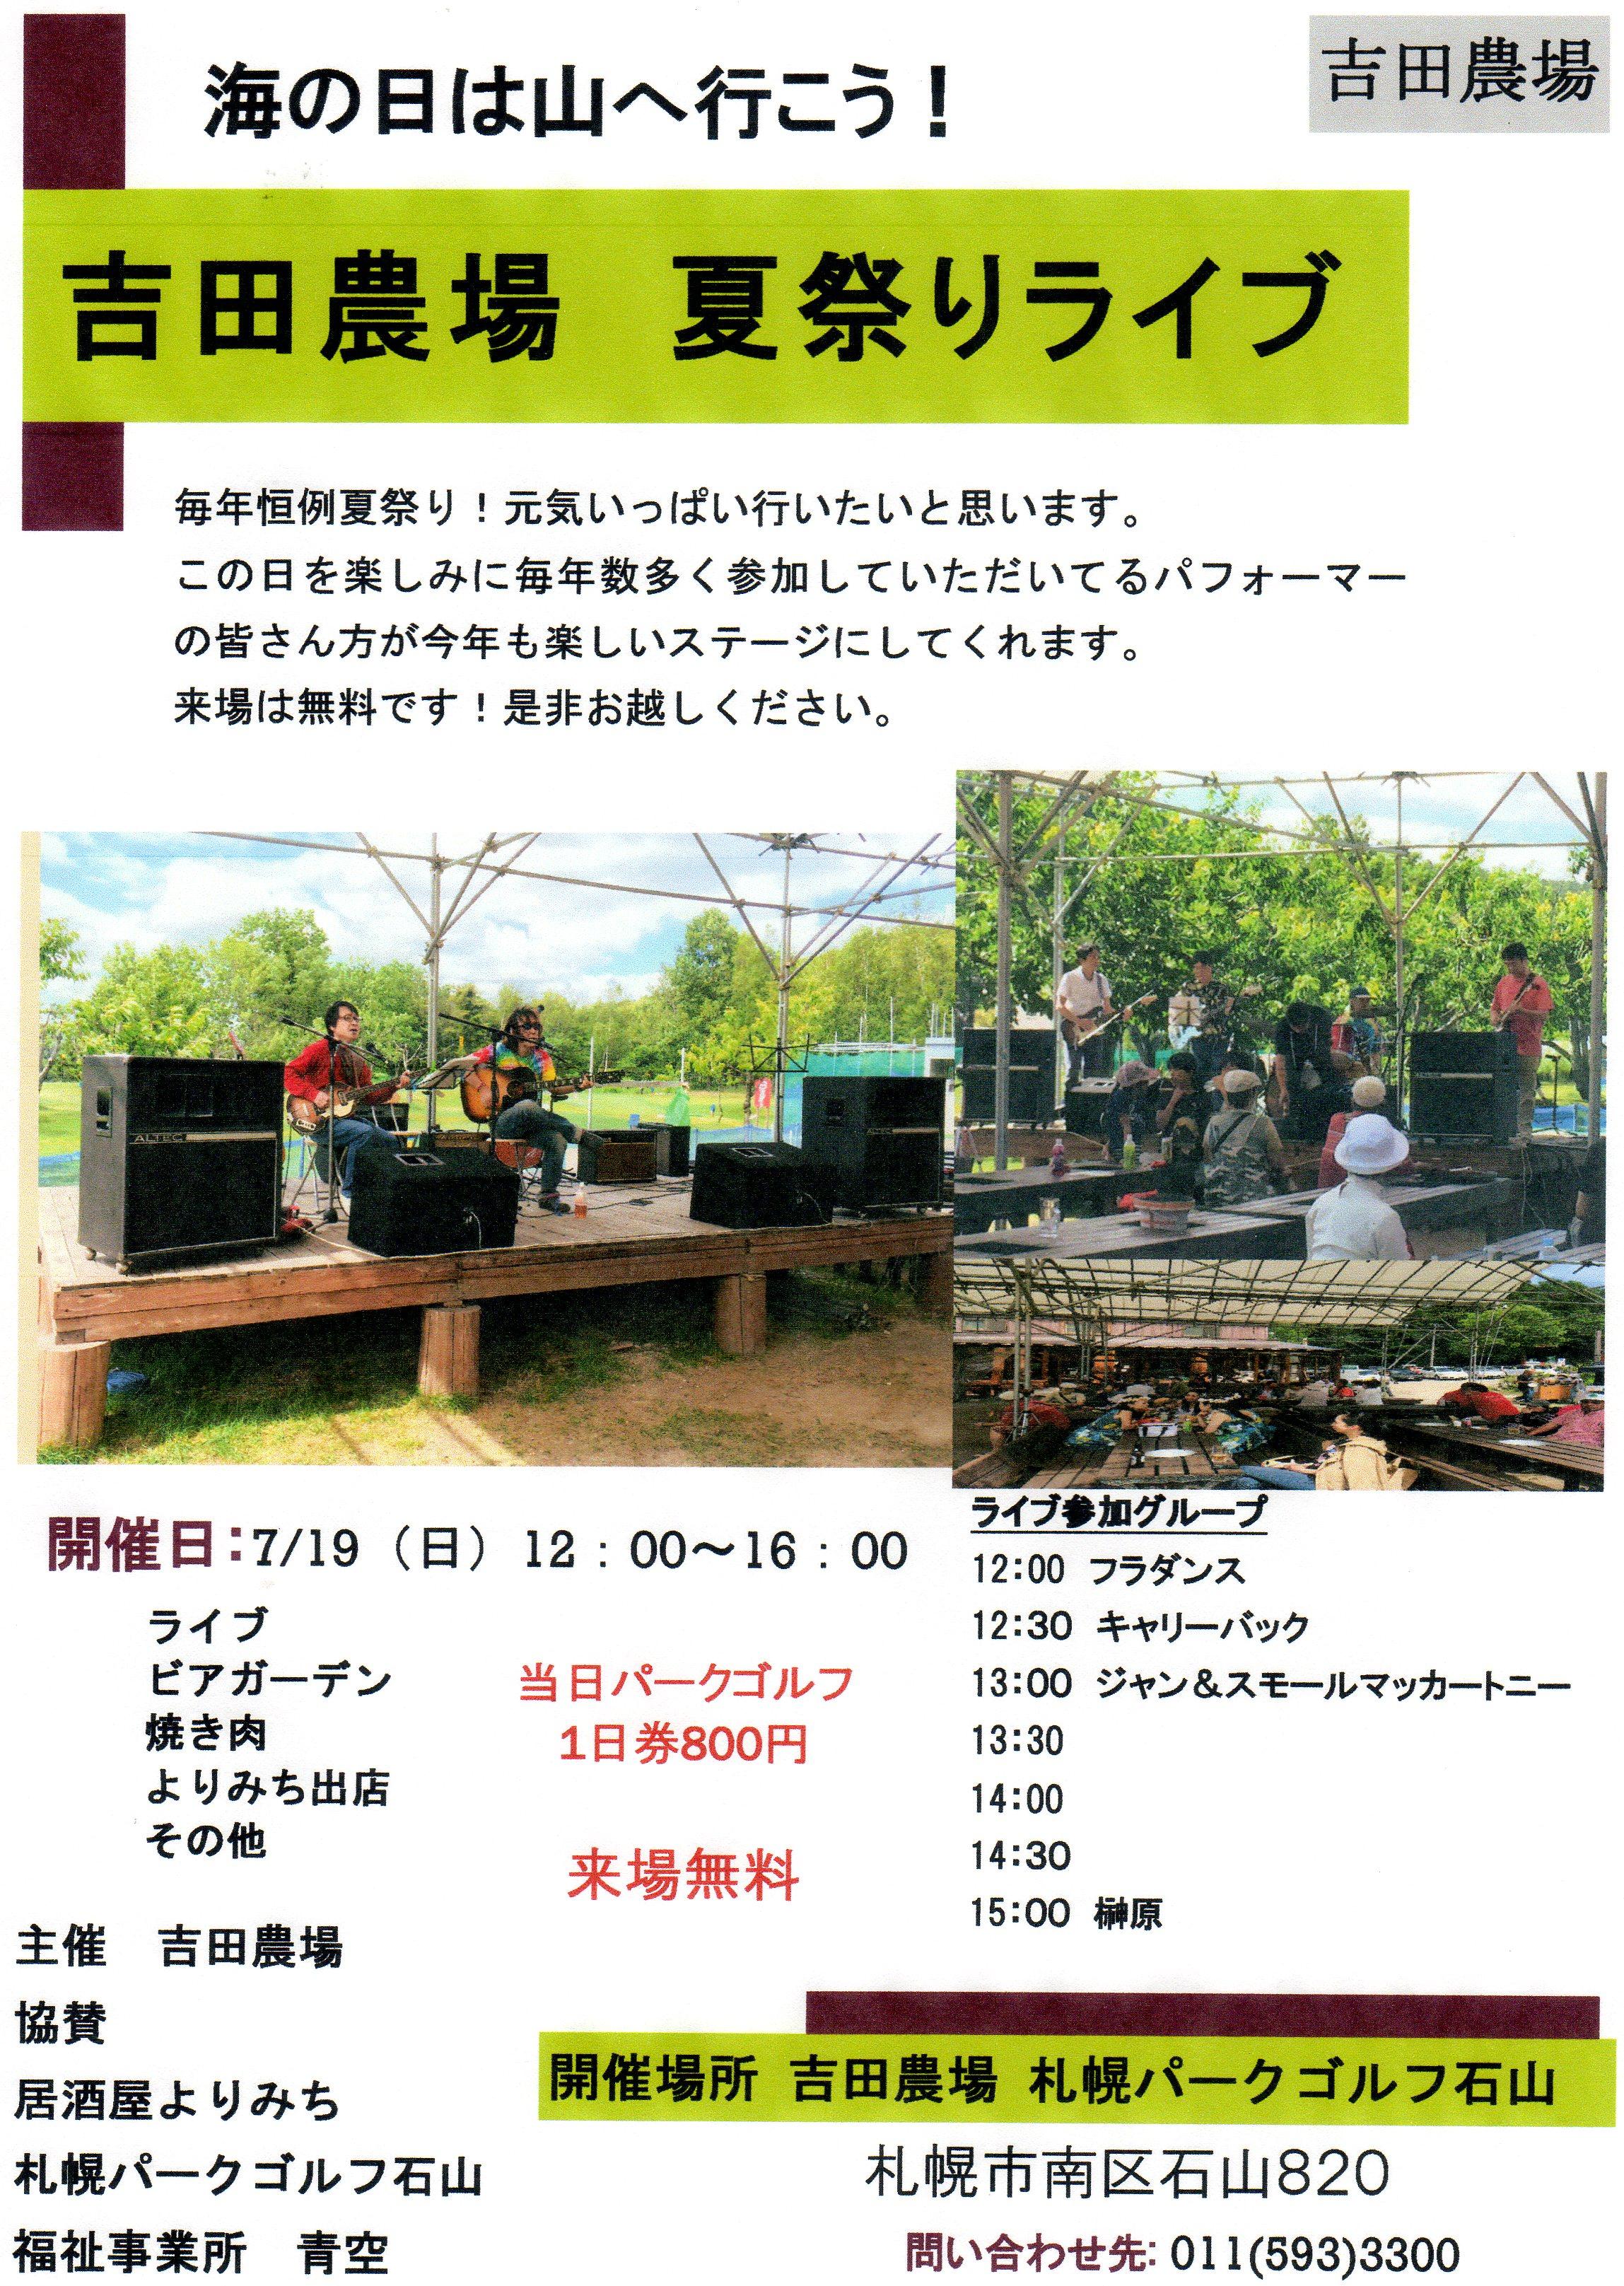 吉田農場の夏祭りライブ2015